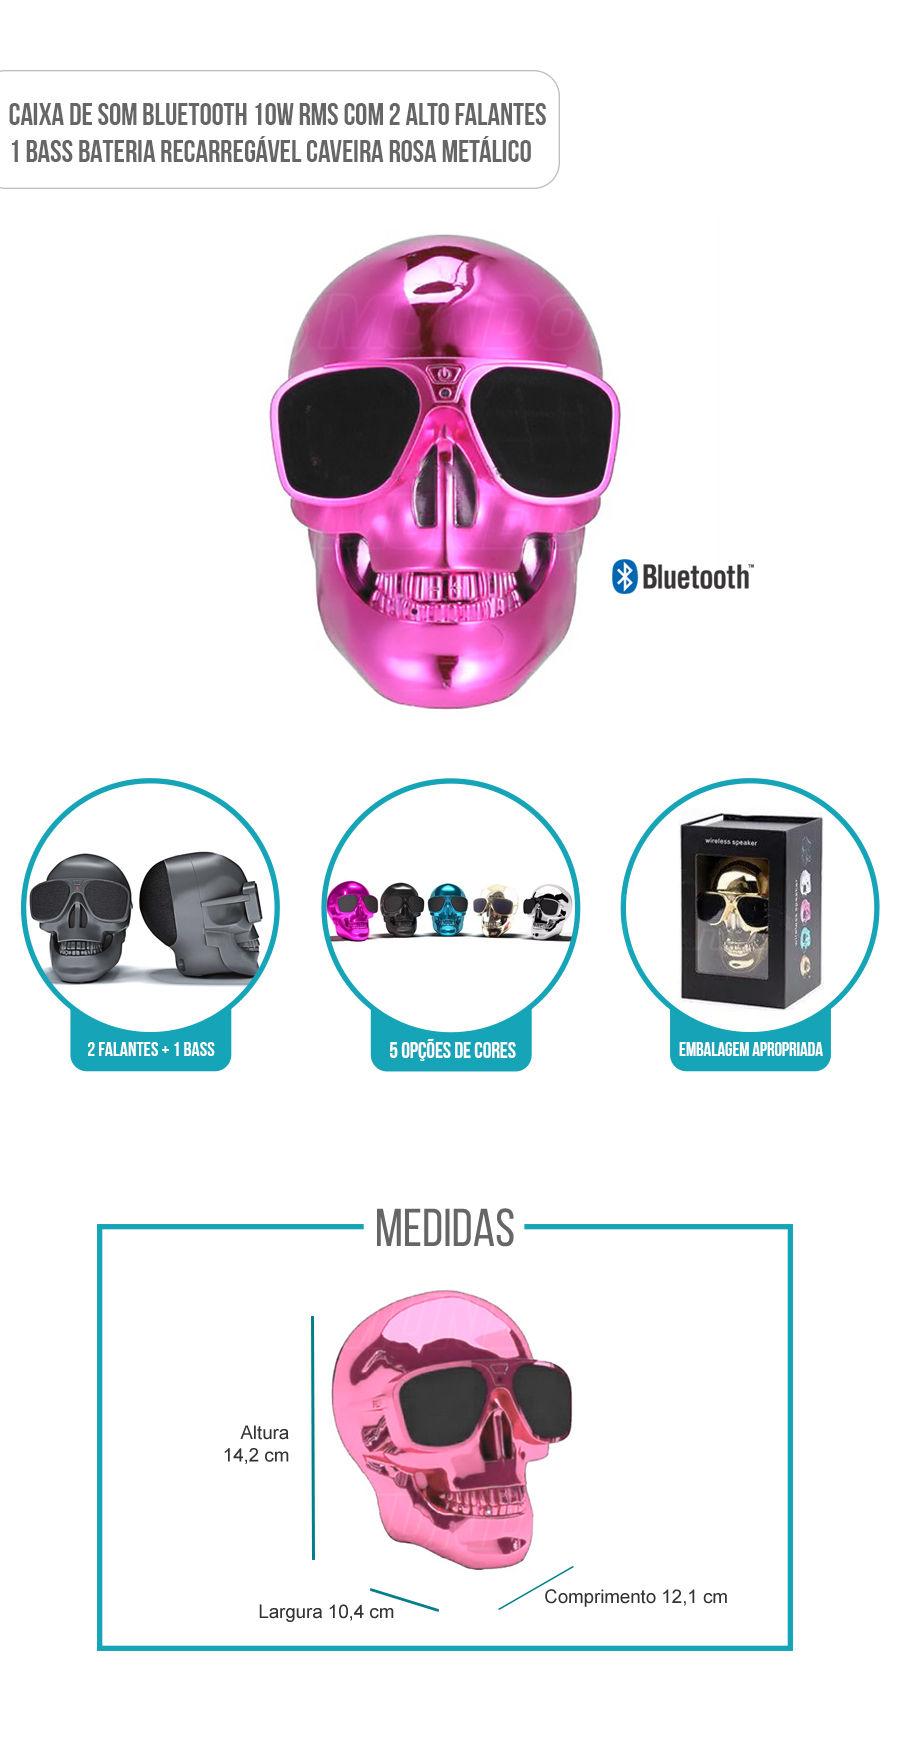 Caixa de Som Portátil com Bluetooth 10W RMS Skull Caveira Rosa Metálico